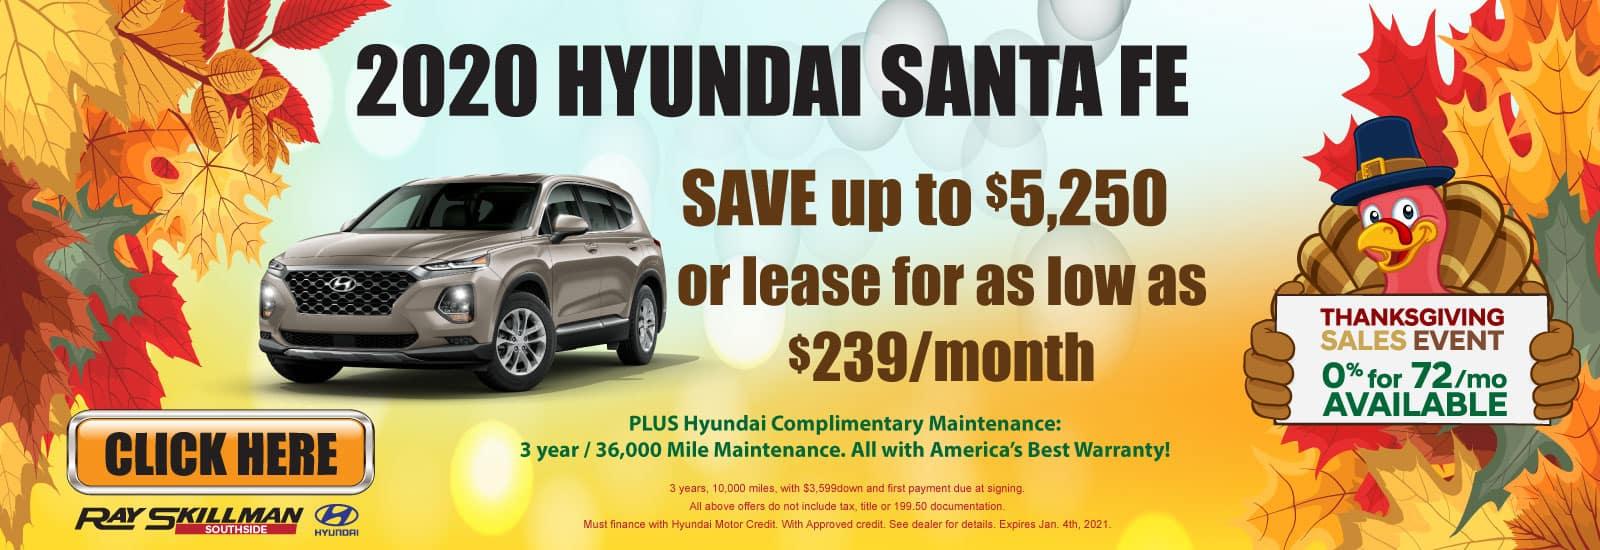 2020-Hyundai-Santa-Fe-Web-Banner-1600×550